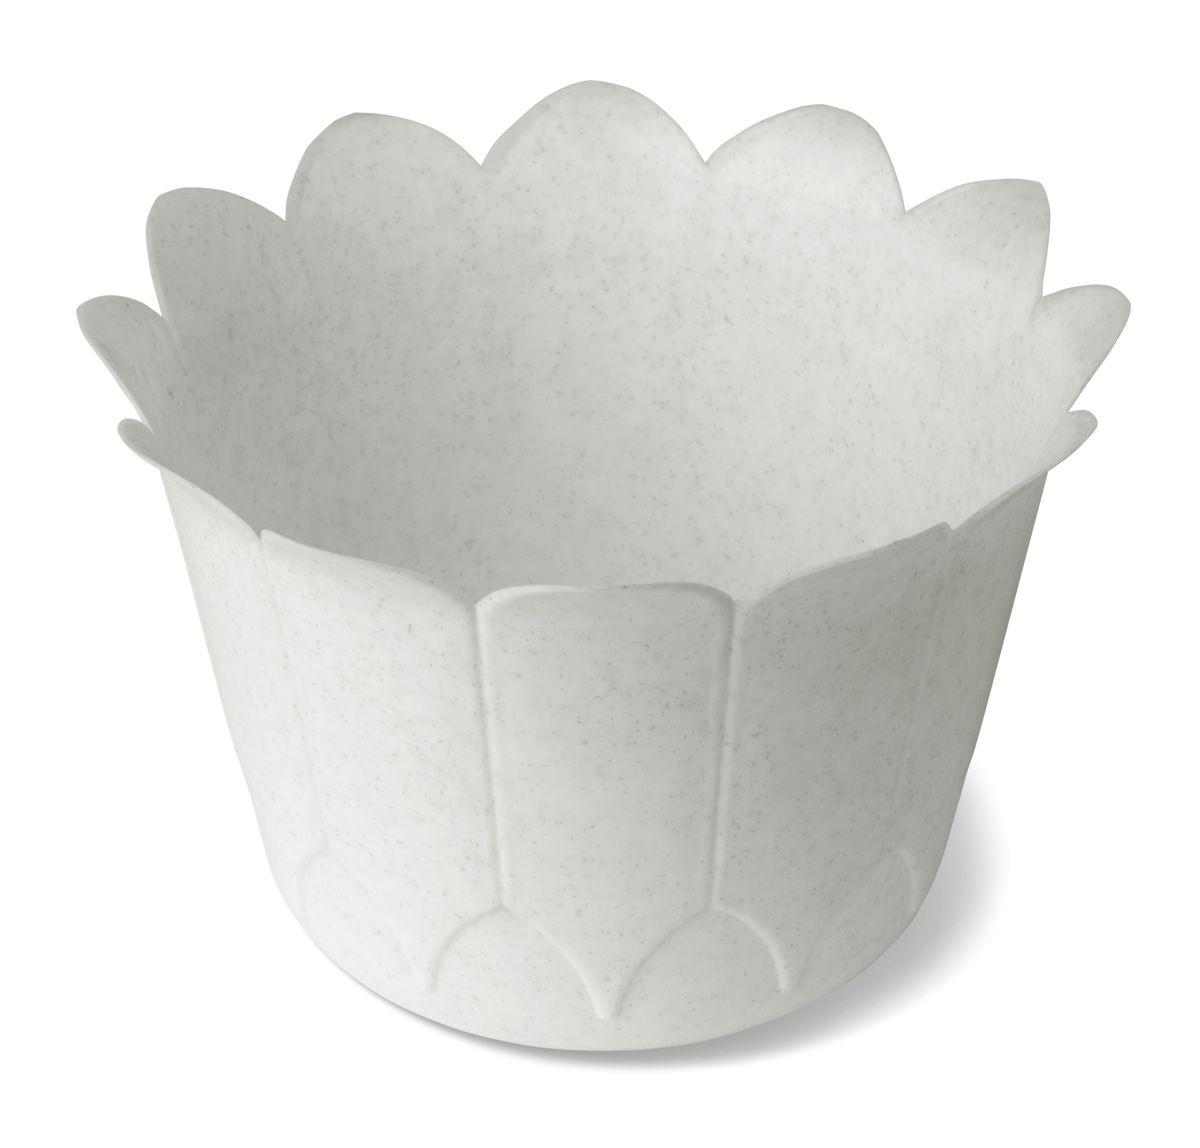 Кашпо Martika Ромашка, диаметр 11 смMRC80Пластиковое изделие для дома, соответствующее всем необходимым санитарным нормам и стандартам качества. Изготовлено для цветоводства и растениеводства. Рекомендуется для выращивания растений дома и на приусадебных участках.